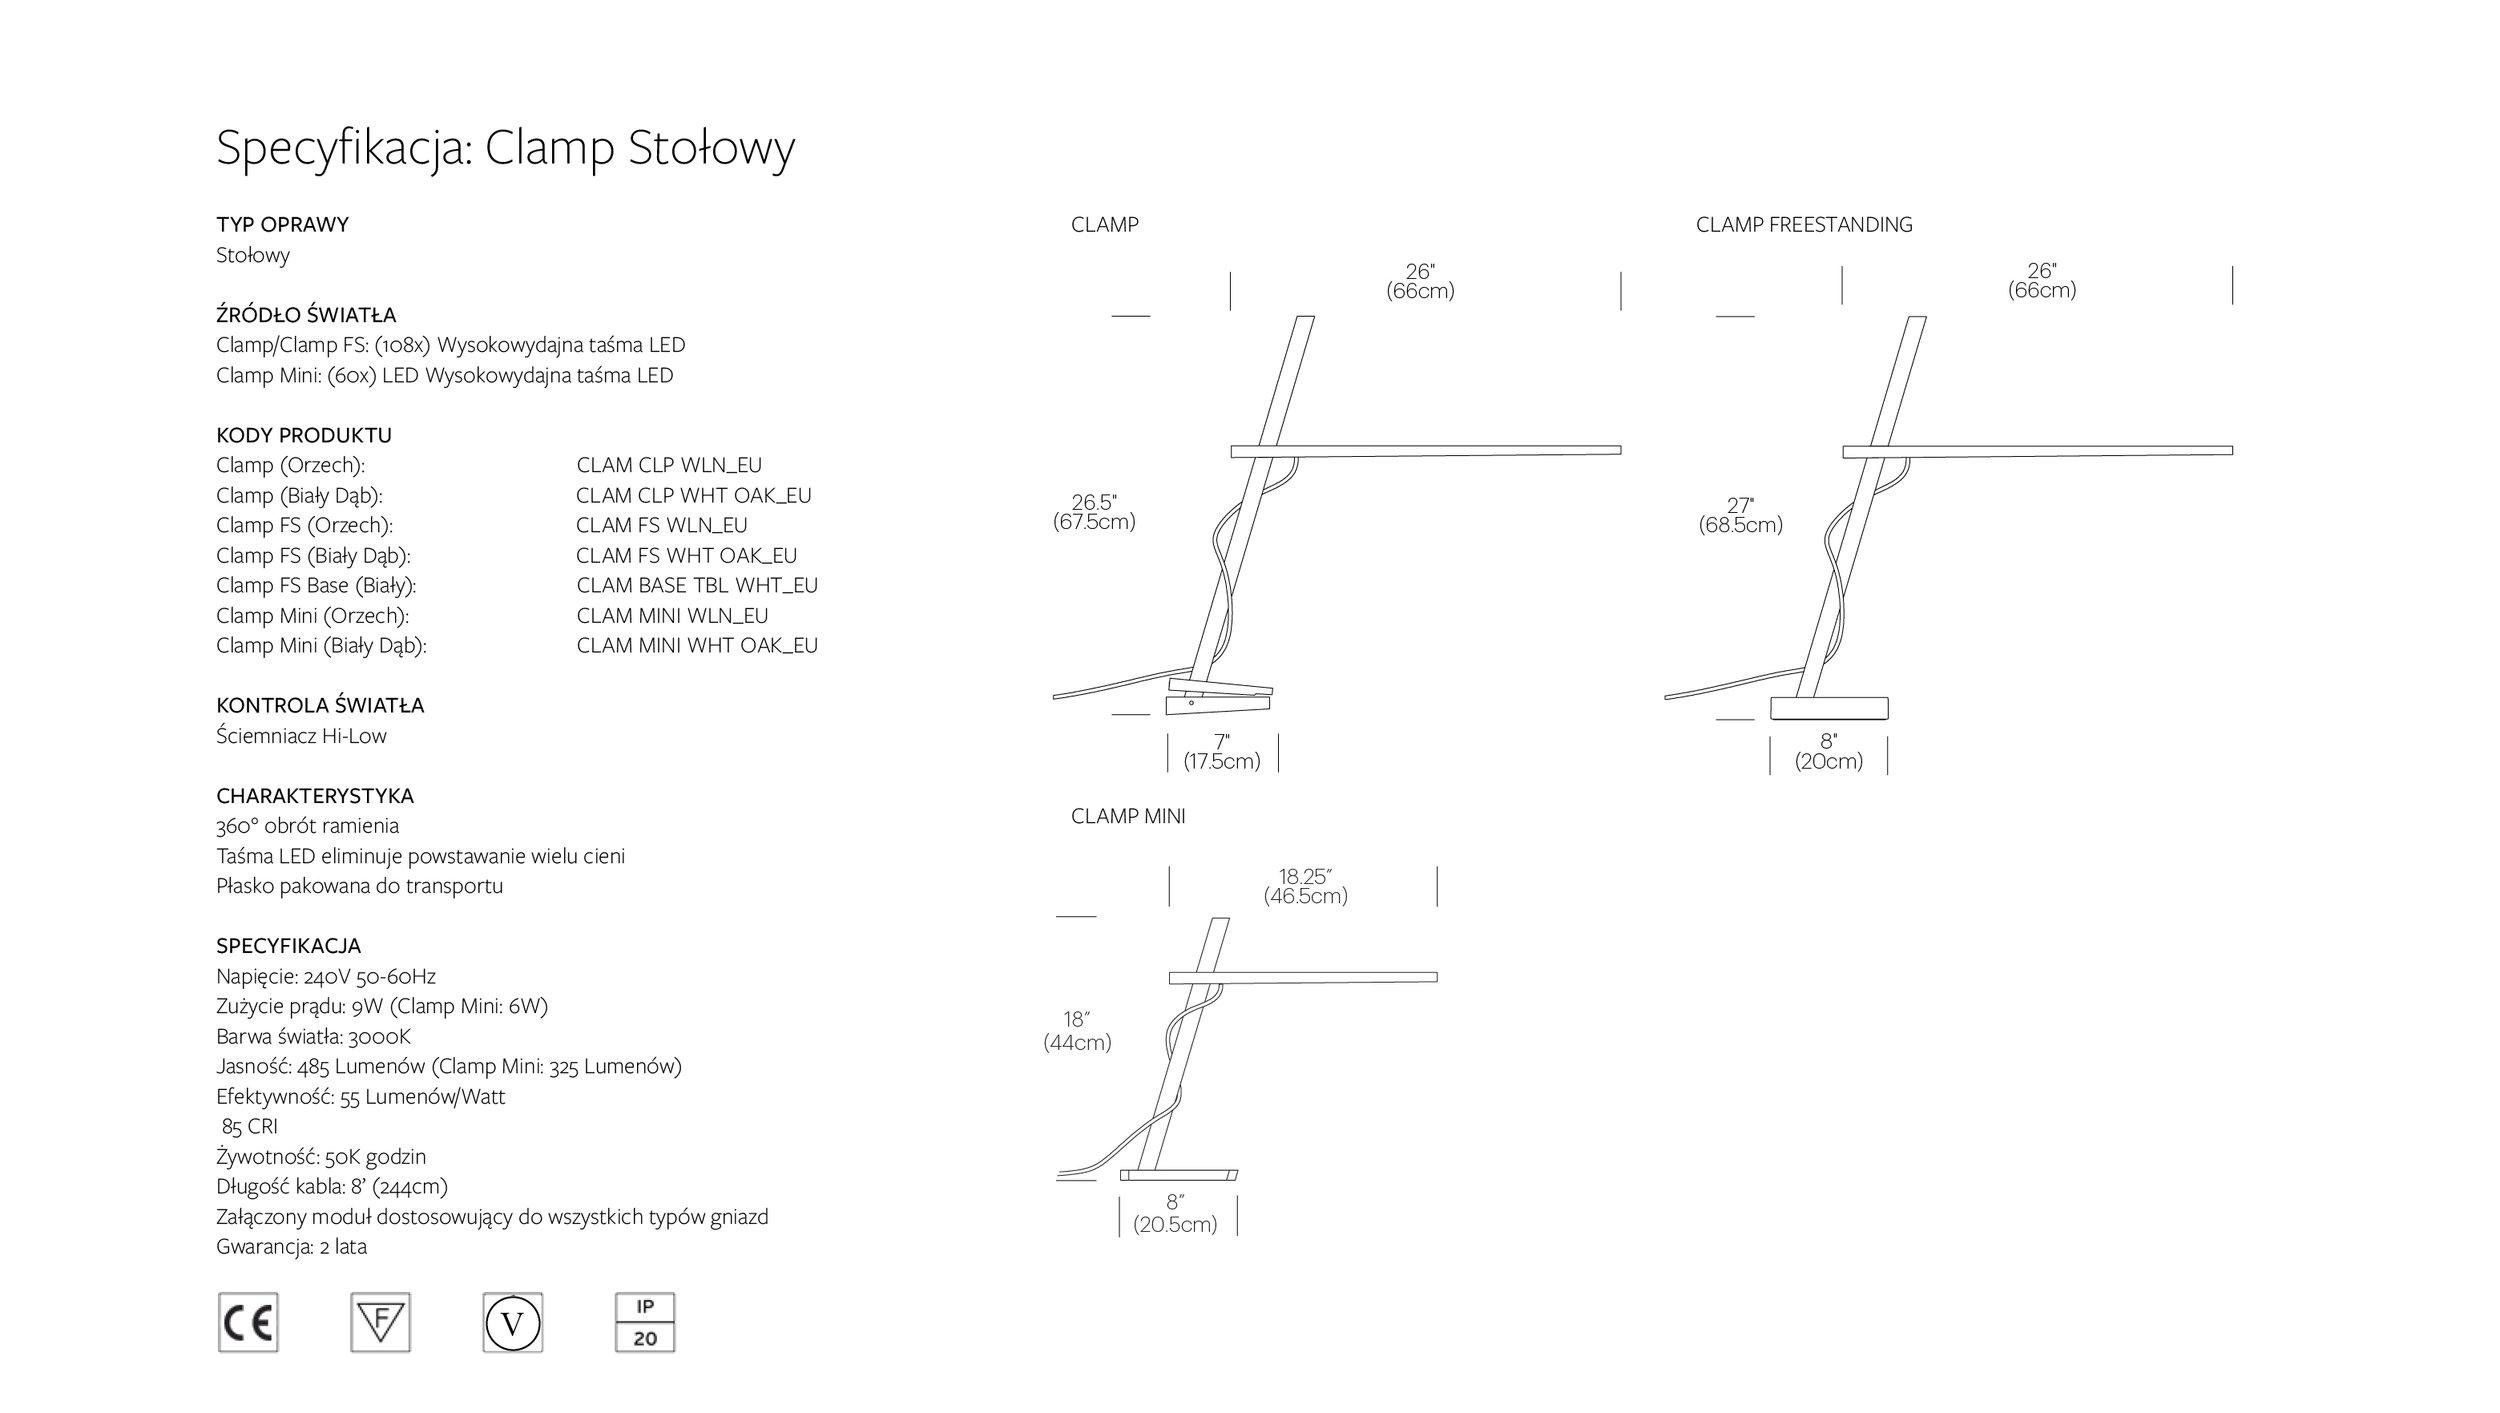 Clamp Table Polish Spec_240V.jpg